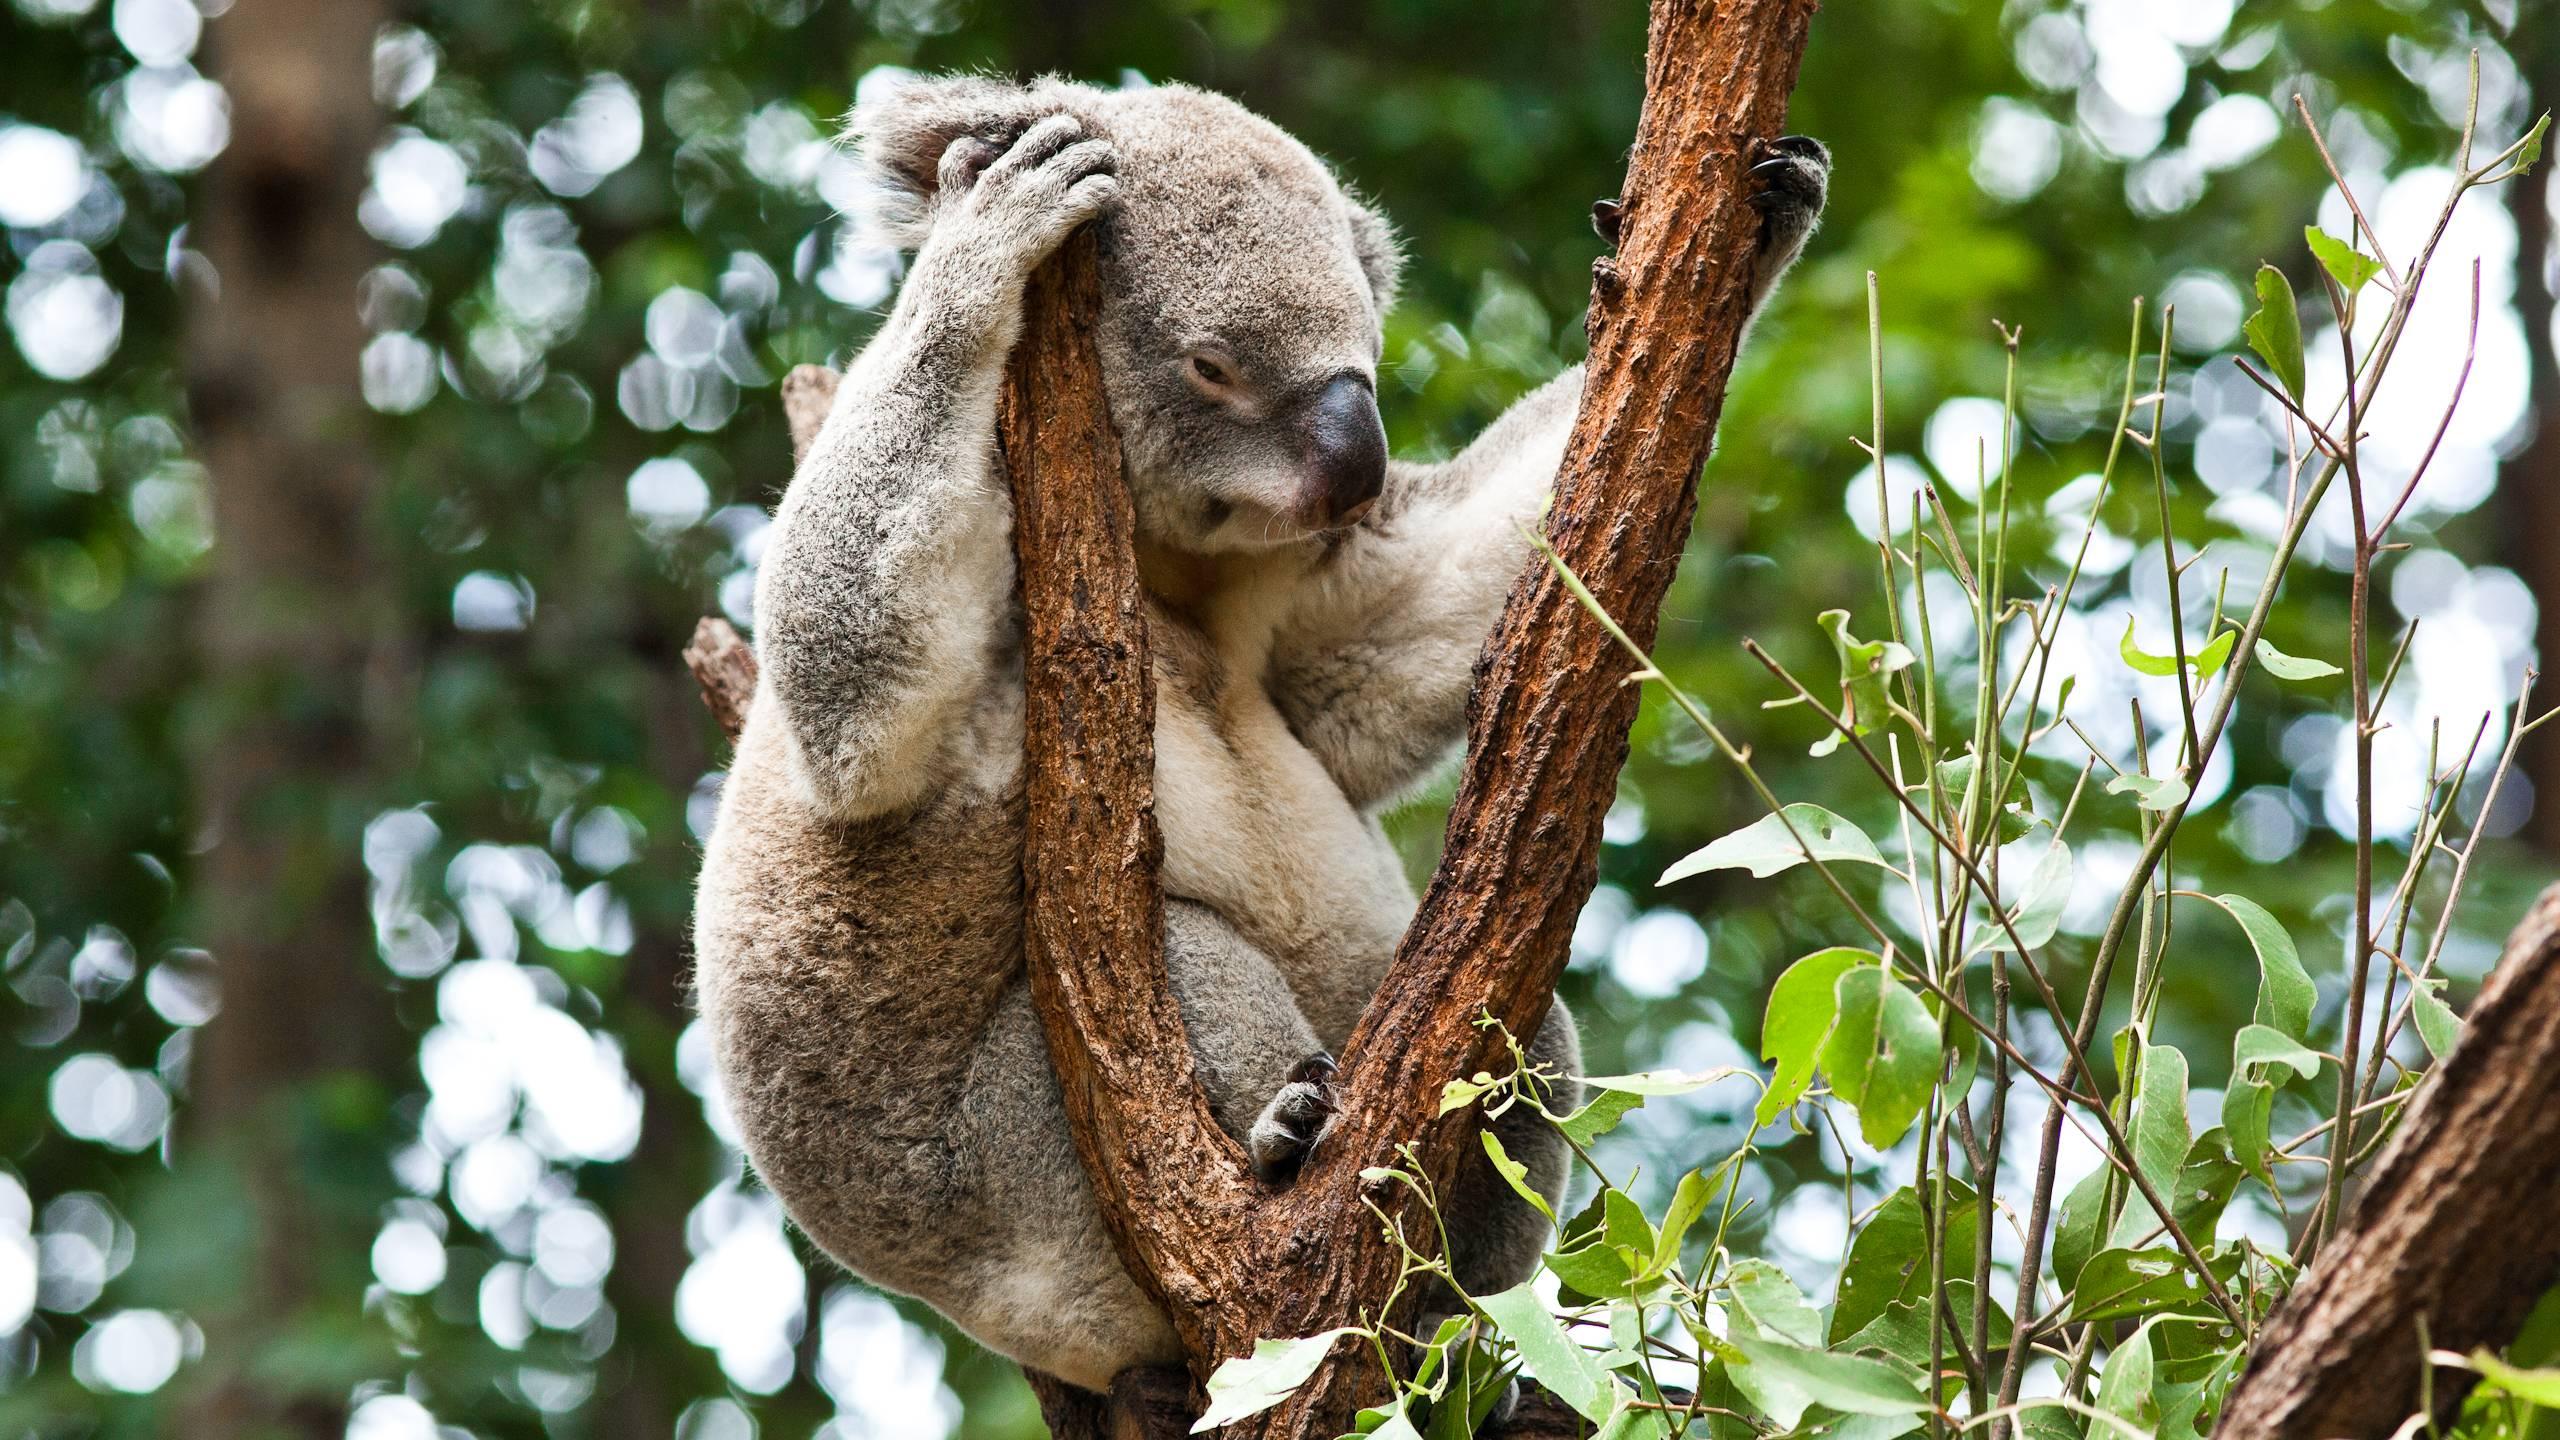 Free Wallpaper Koala - HD Desktop Wallpapers